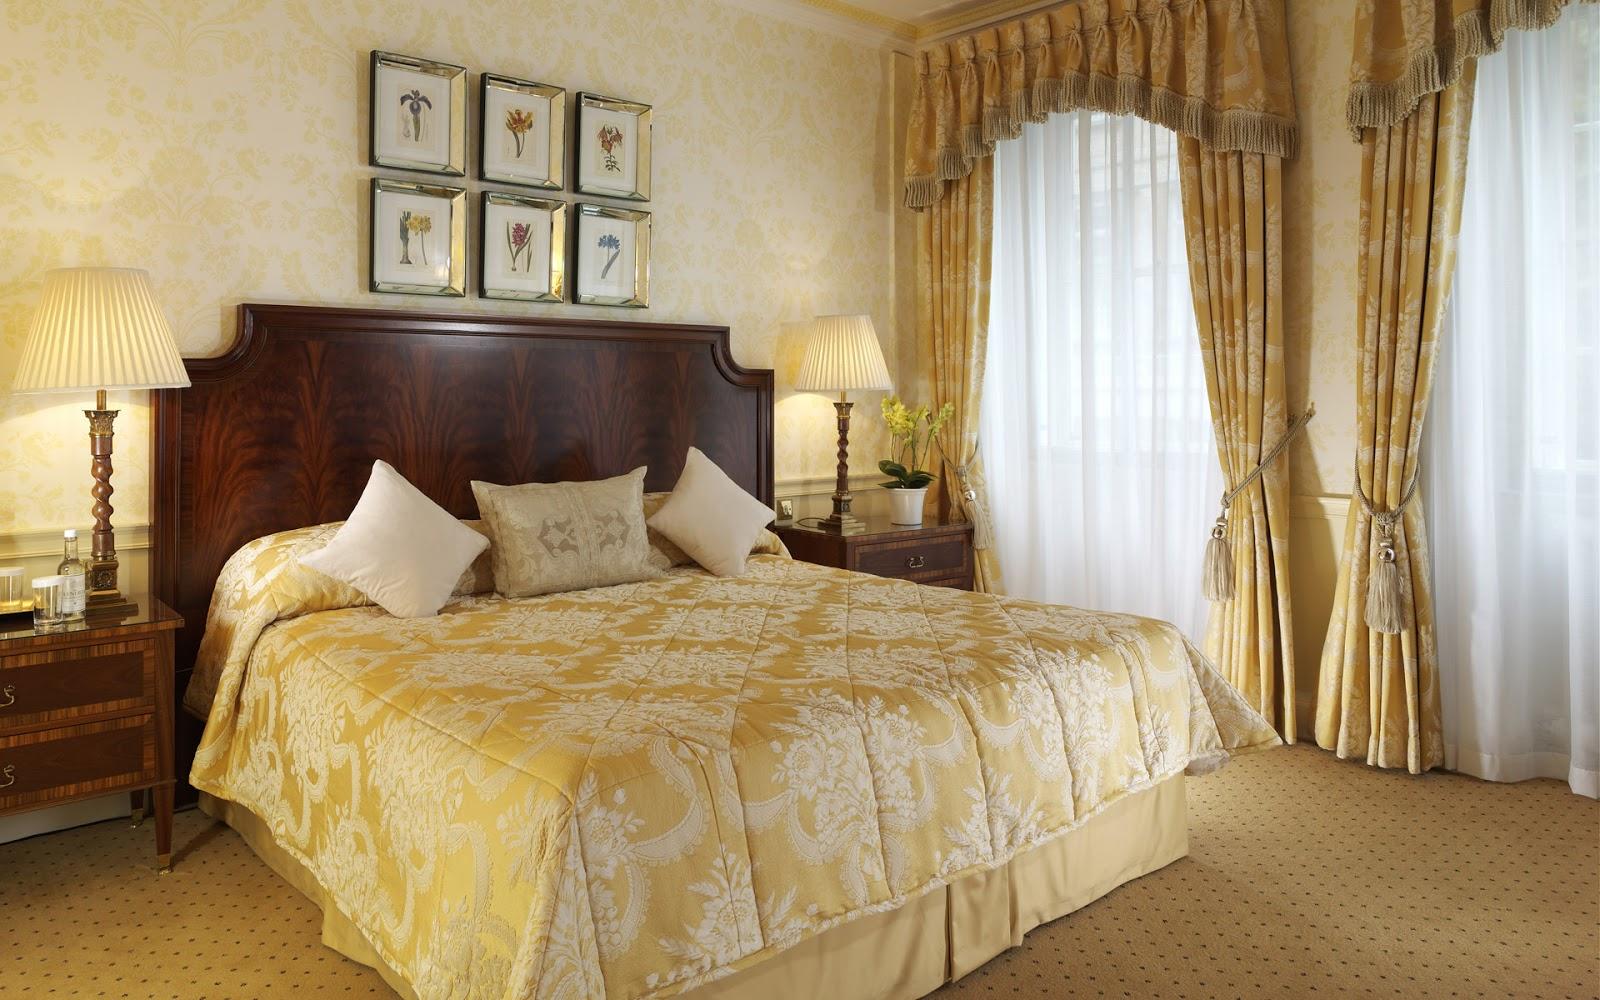 Petua Hiasan Dalaman bilik tidur mewah   oH rOjaK